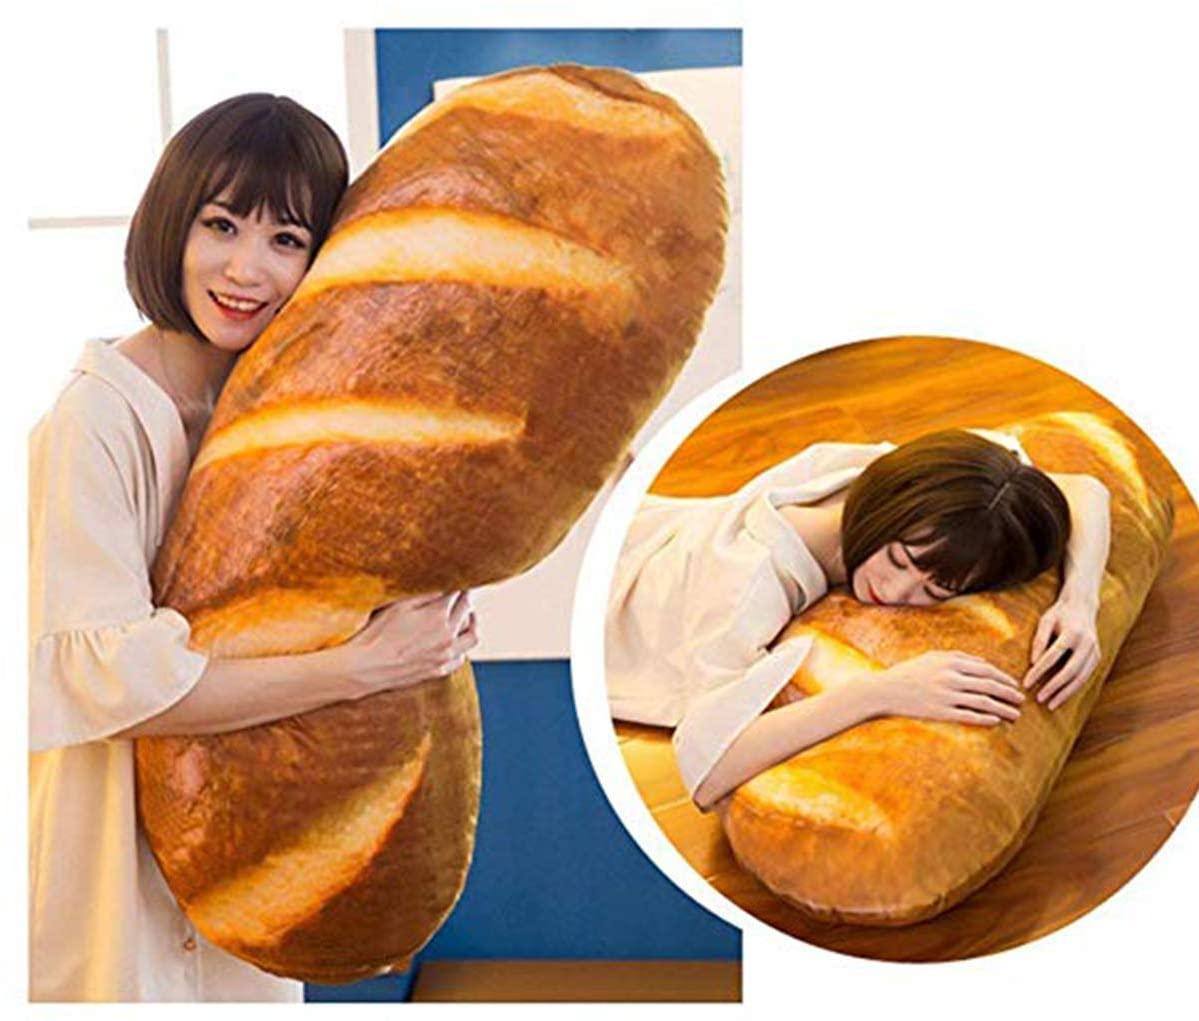 Oreiller en forme de pain au lait | Idées cadeaux insolites